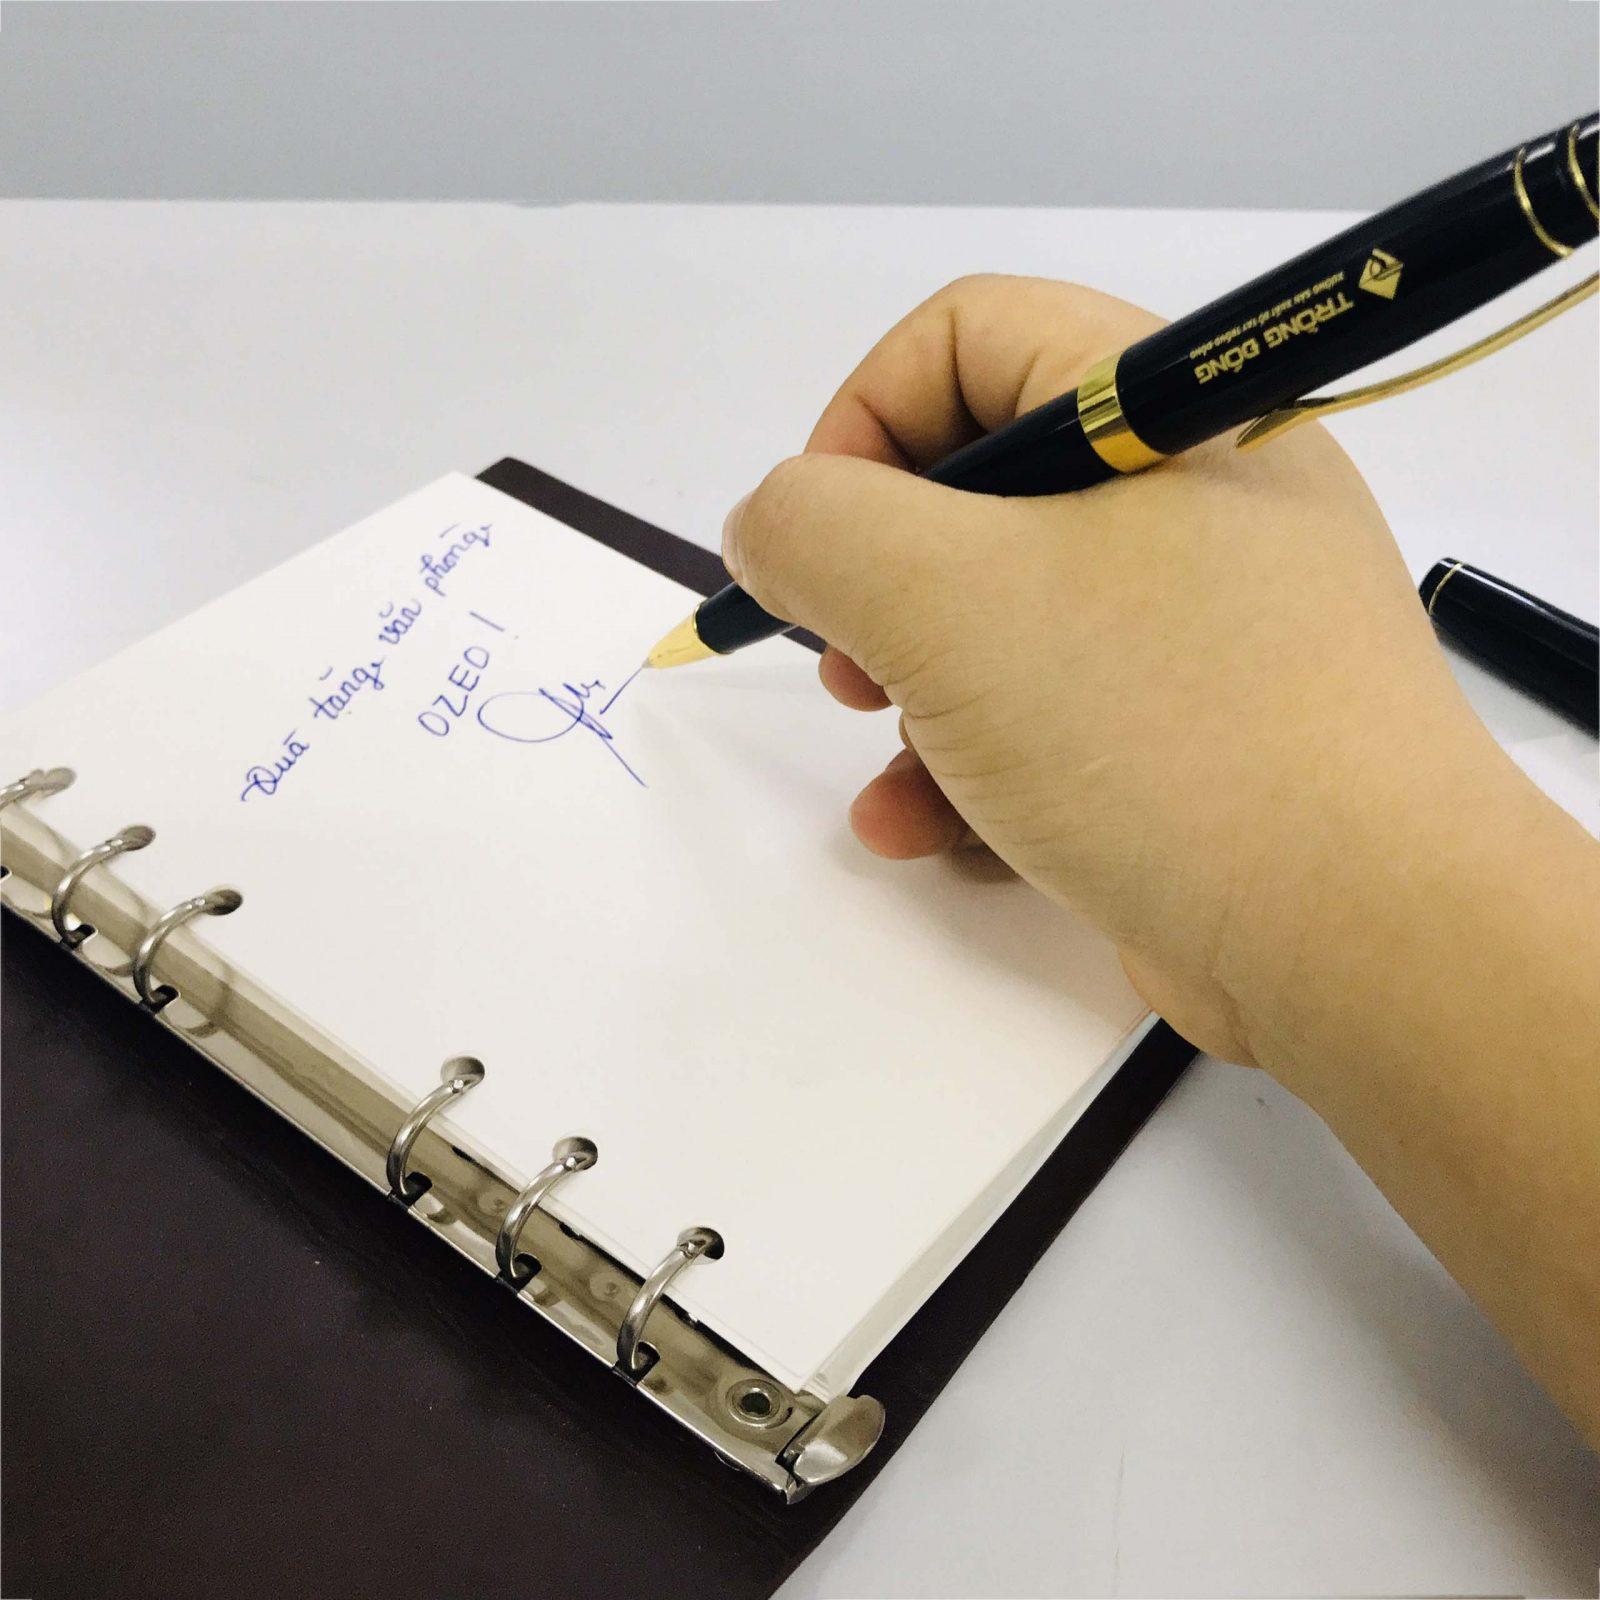 Ngòi bút dạ bi mực nước cho ra nét chữ đẹp, mực chảy đều và không bị lem khi viết trên giấy